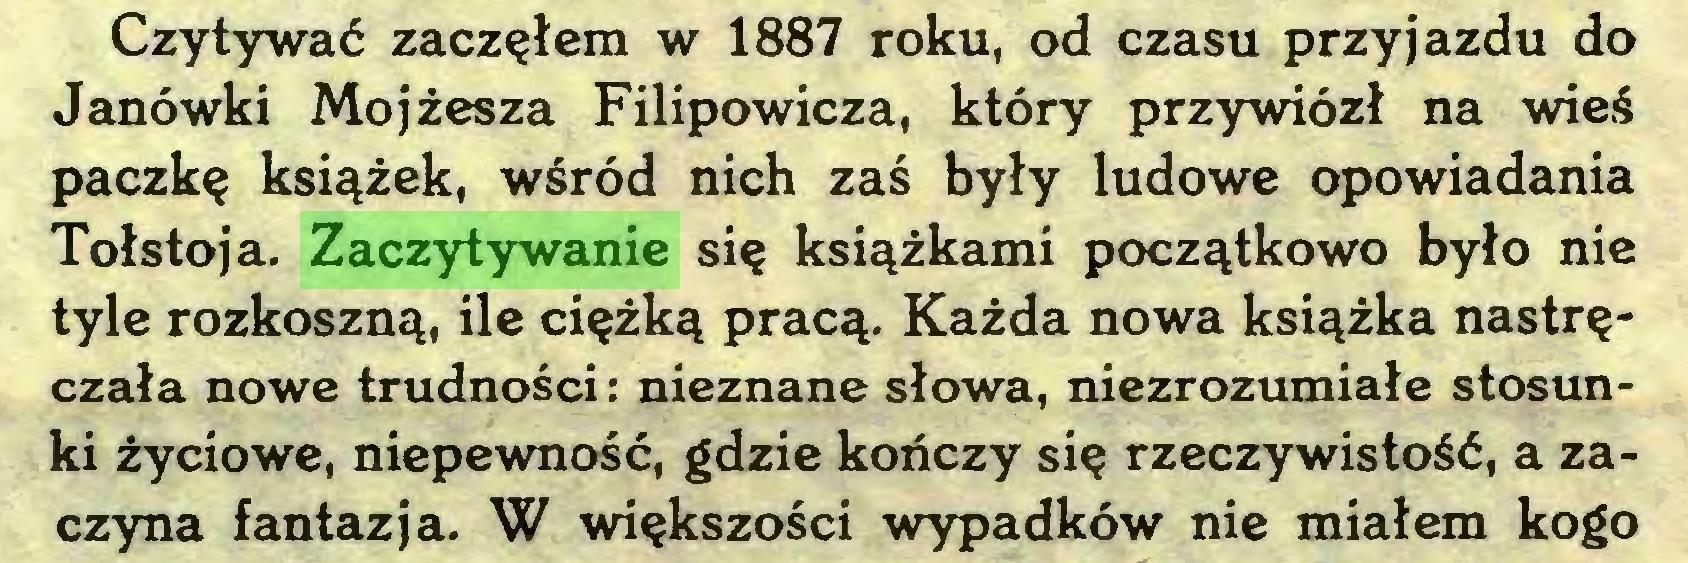 (...) Czytywać zacząłem w 1887 roku, od czasu przyjazdu do Janówki Mojżesza Filipowicza, który przywiózł na wieś paczkę książek, wśród nich zaś były ludowe opowiadania Tołstoja. Zaczytywanie się książkami początkowo było nie tyle rozkoszną, ile ciężką pracą. Każda nowa książka nastręczała nowe trudności: nieznane słowa, niezrozumiałe stosunki życiowe, niepewność, gdzie kończy się rzeczywistość, a zaczyna fantazja. W większości wypadków nie miałem kogo...